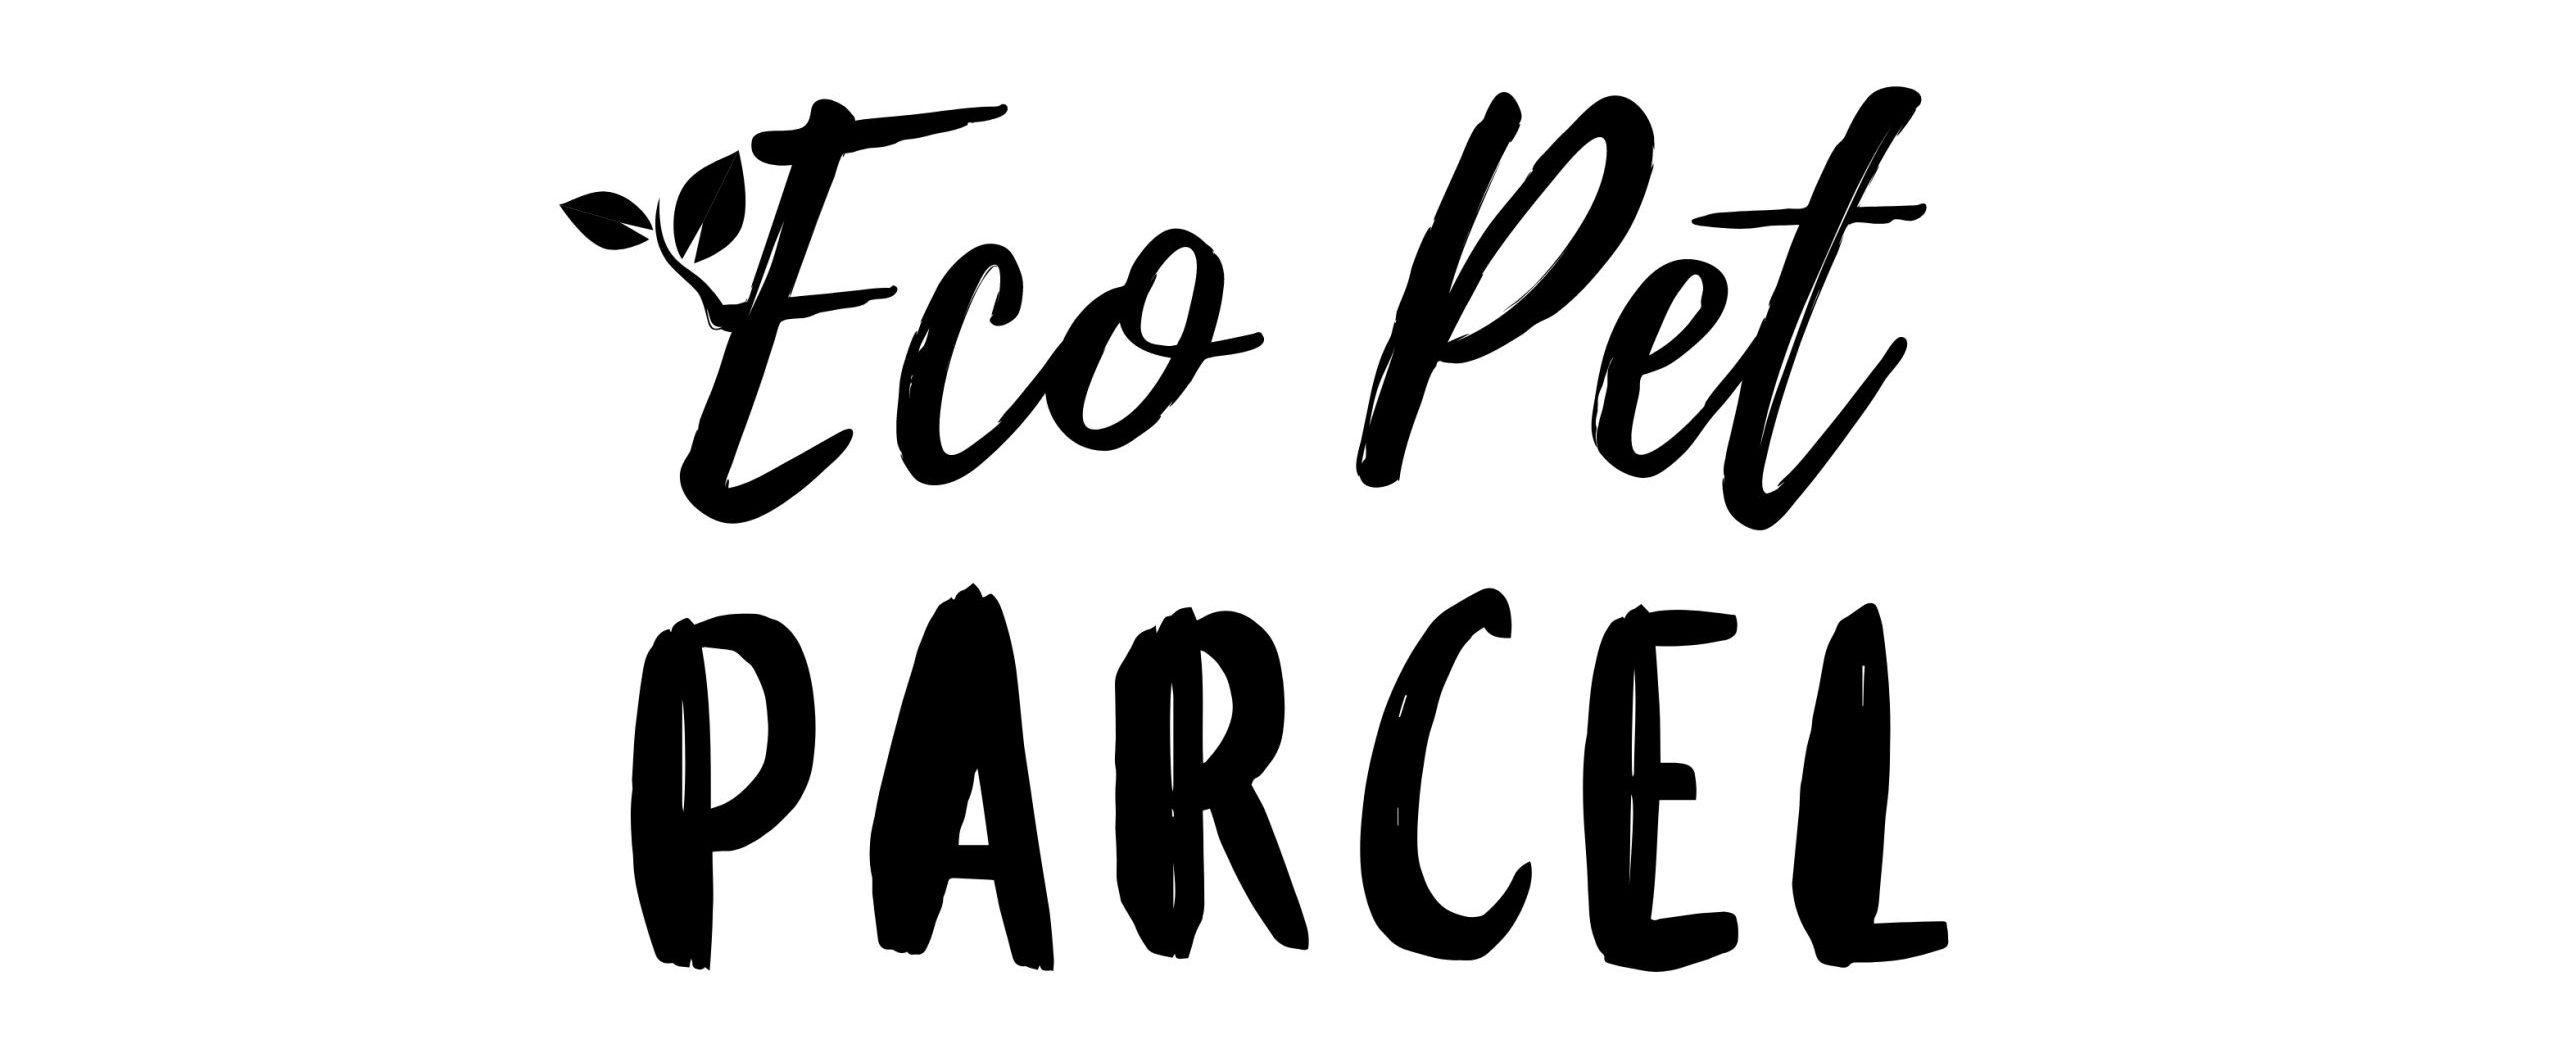 Eco Pet Parcel